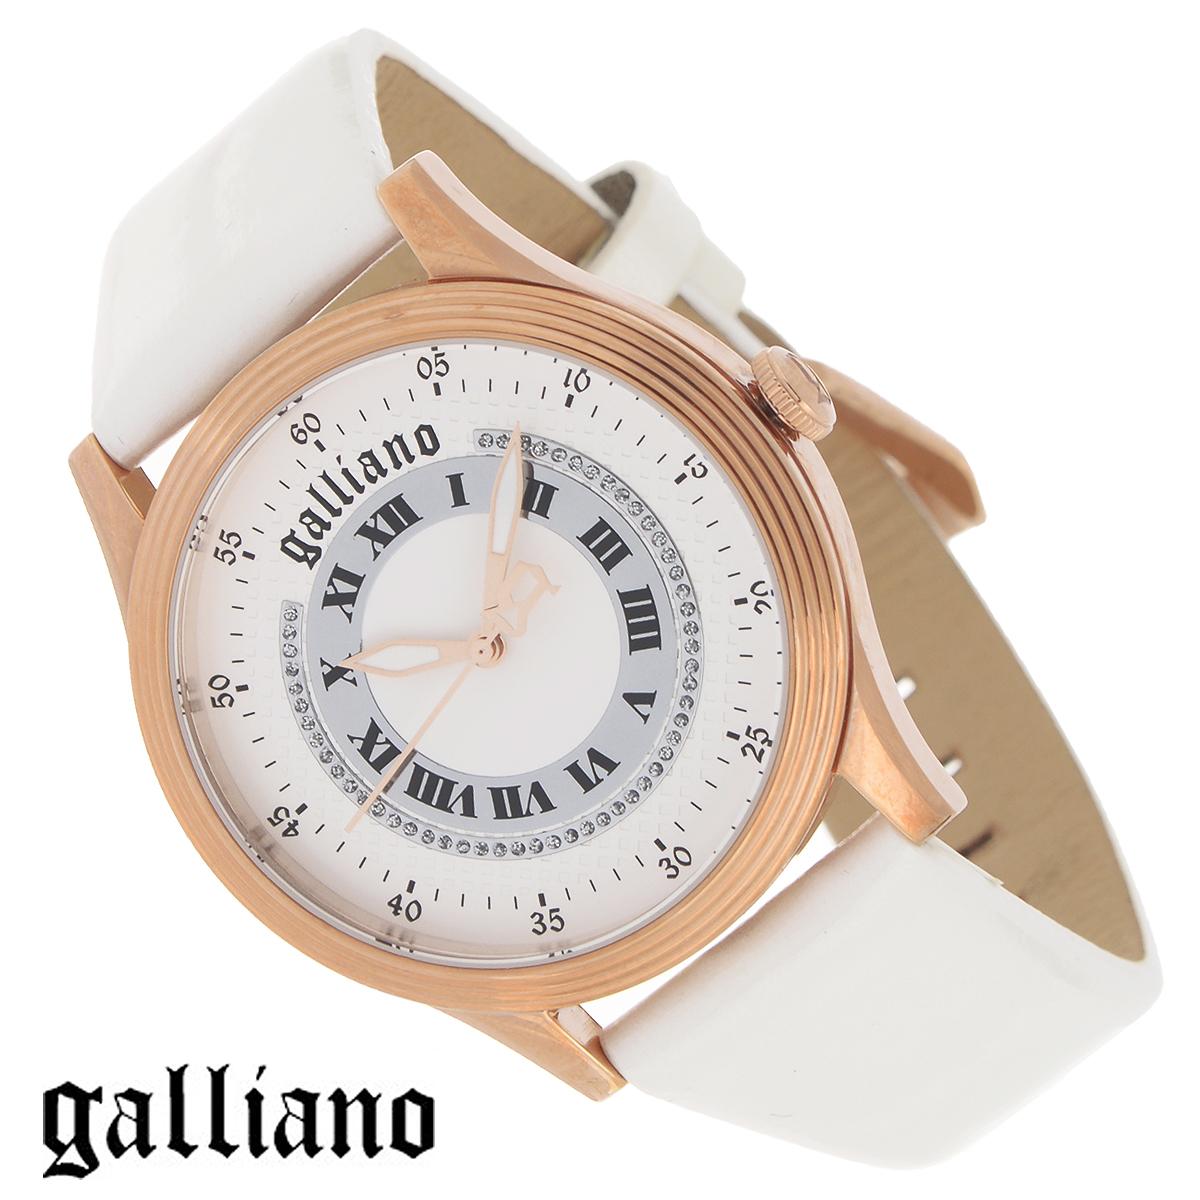 Часы женские наручные Galliano, цвет: белый, золотой. R2551104501R2551104501Наручные женские часы Galliano оснащены кварцевым механизмом. Корпус выполнен из высококачественной нержавеющей стали с PVD-покрытием. Гильошированный циферблат с римскими цифрами декорирован кристаллами и защищен минеральным стеклом. Часы имеют три стрелки - часовую, минутную и секундную. Ремешок часов выполнен из натуральной кожи и оснащен классической застежкой. Часы укомплектованы паспортом с подробной инструкцией. Часы Galliano благодаря своему великолепному дизайну и качеству исполнения станут главным акцентом вашего образа. Характеристики: Диаметр циферблата: 3,3 см. Размер корпуса: 3,8 см х 3,8 см х 0,8 см. Длина ремешка (с корпусом): 21,5 см. Ширина ремешка: 1,6 см.